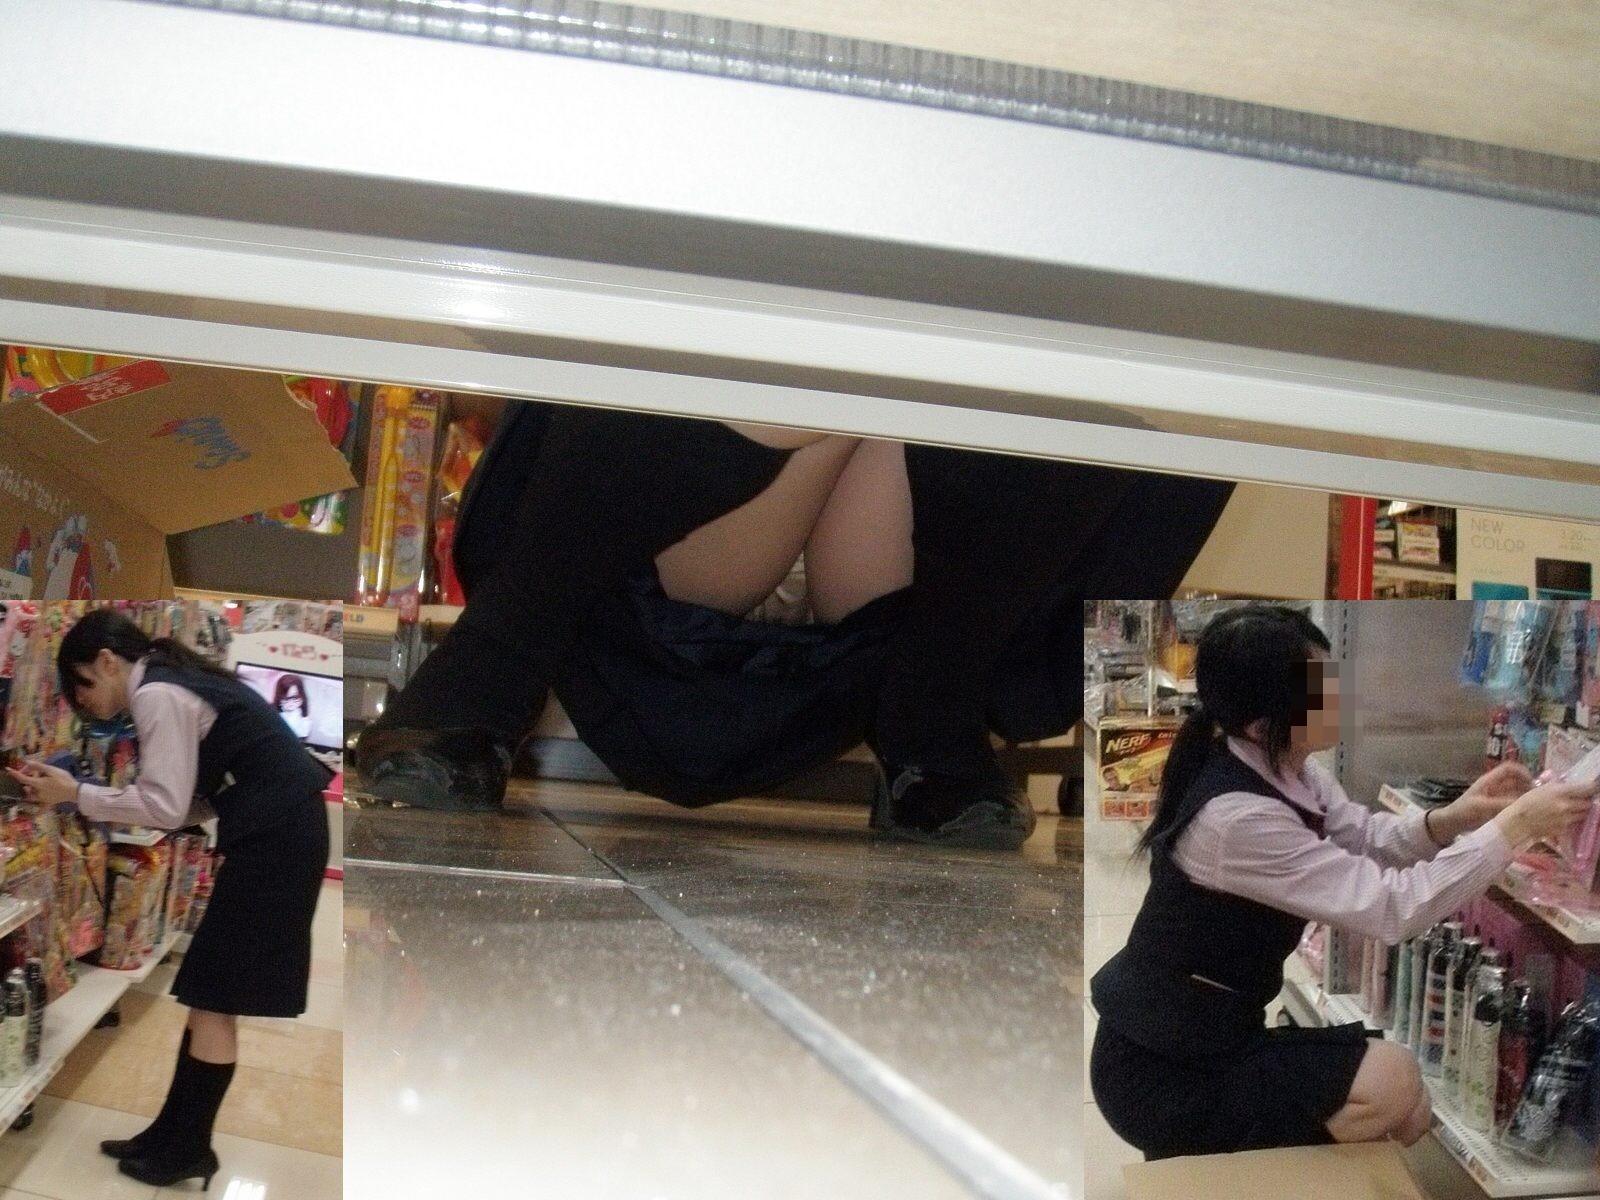 【パンチラエロ画像】向こう側が見えるなら…店内でもチャンスアリな棚下パンチラwww 11